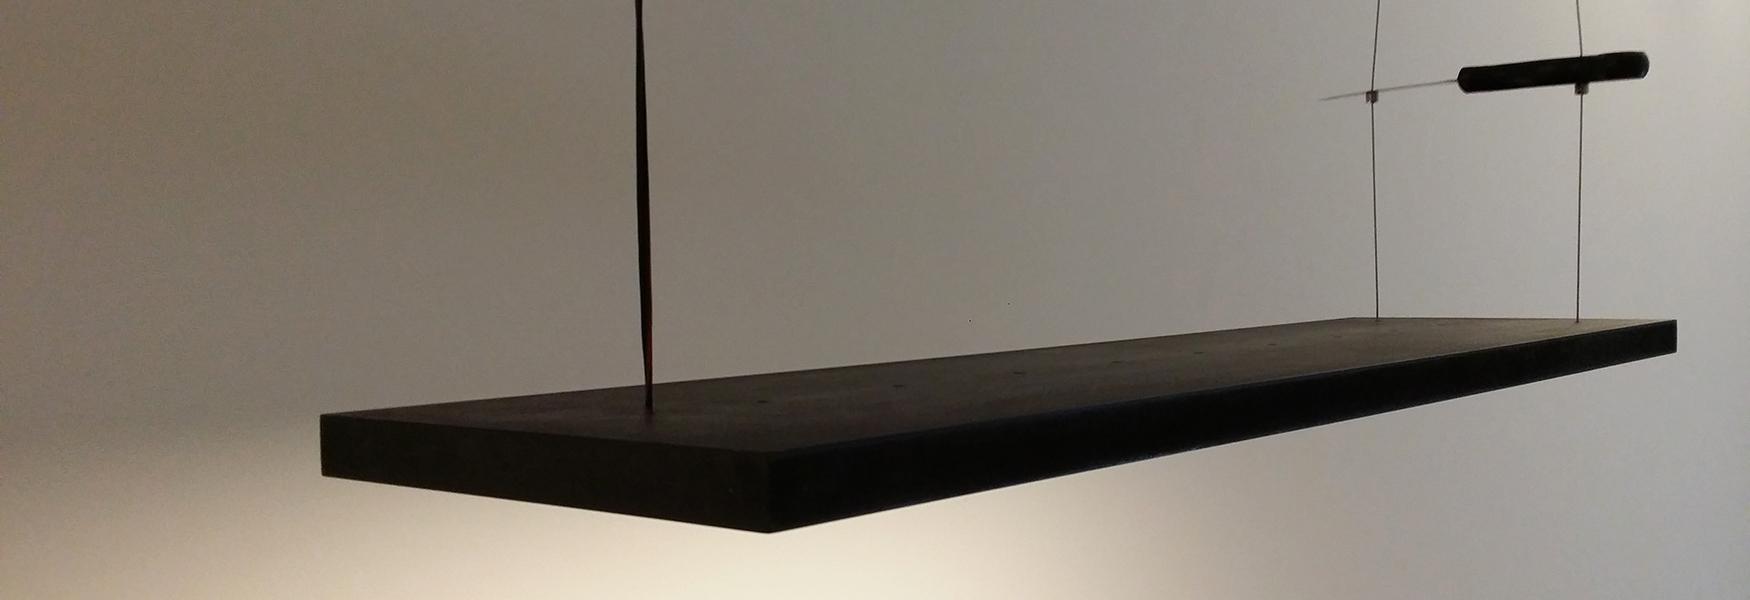 lichtip leuchten. Black Bedroom Furniture Sets. Home Design Ideas